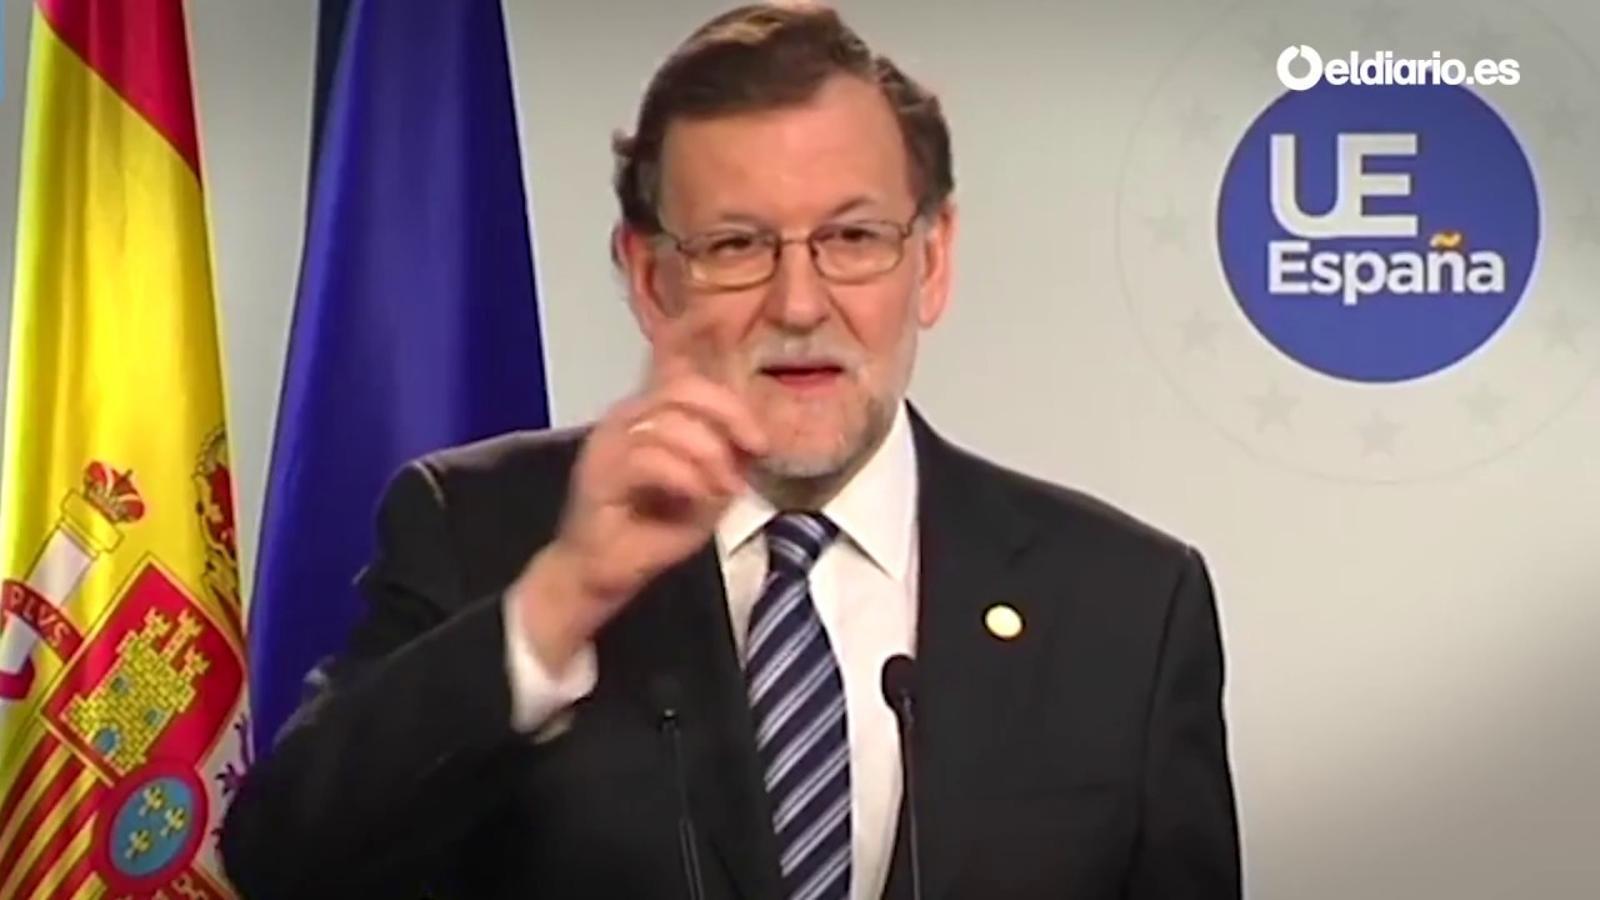 Rajoy ignora un periodista de la BBC perquè li fa una pregunta en anglès